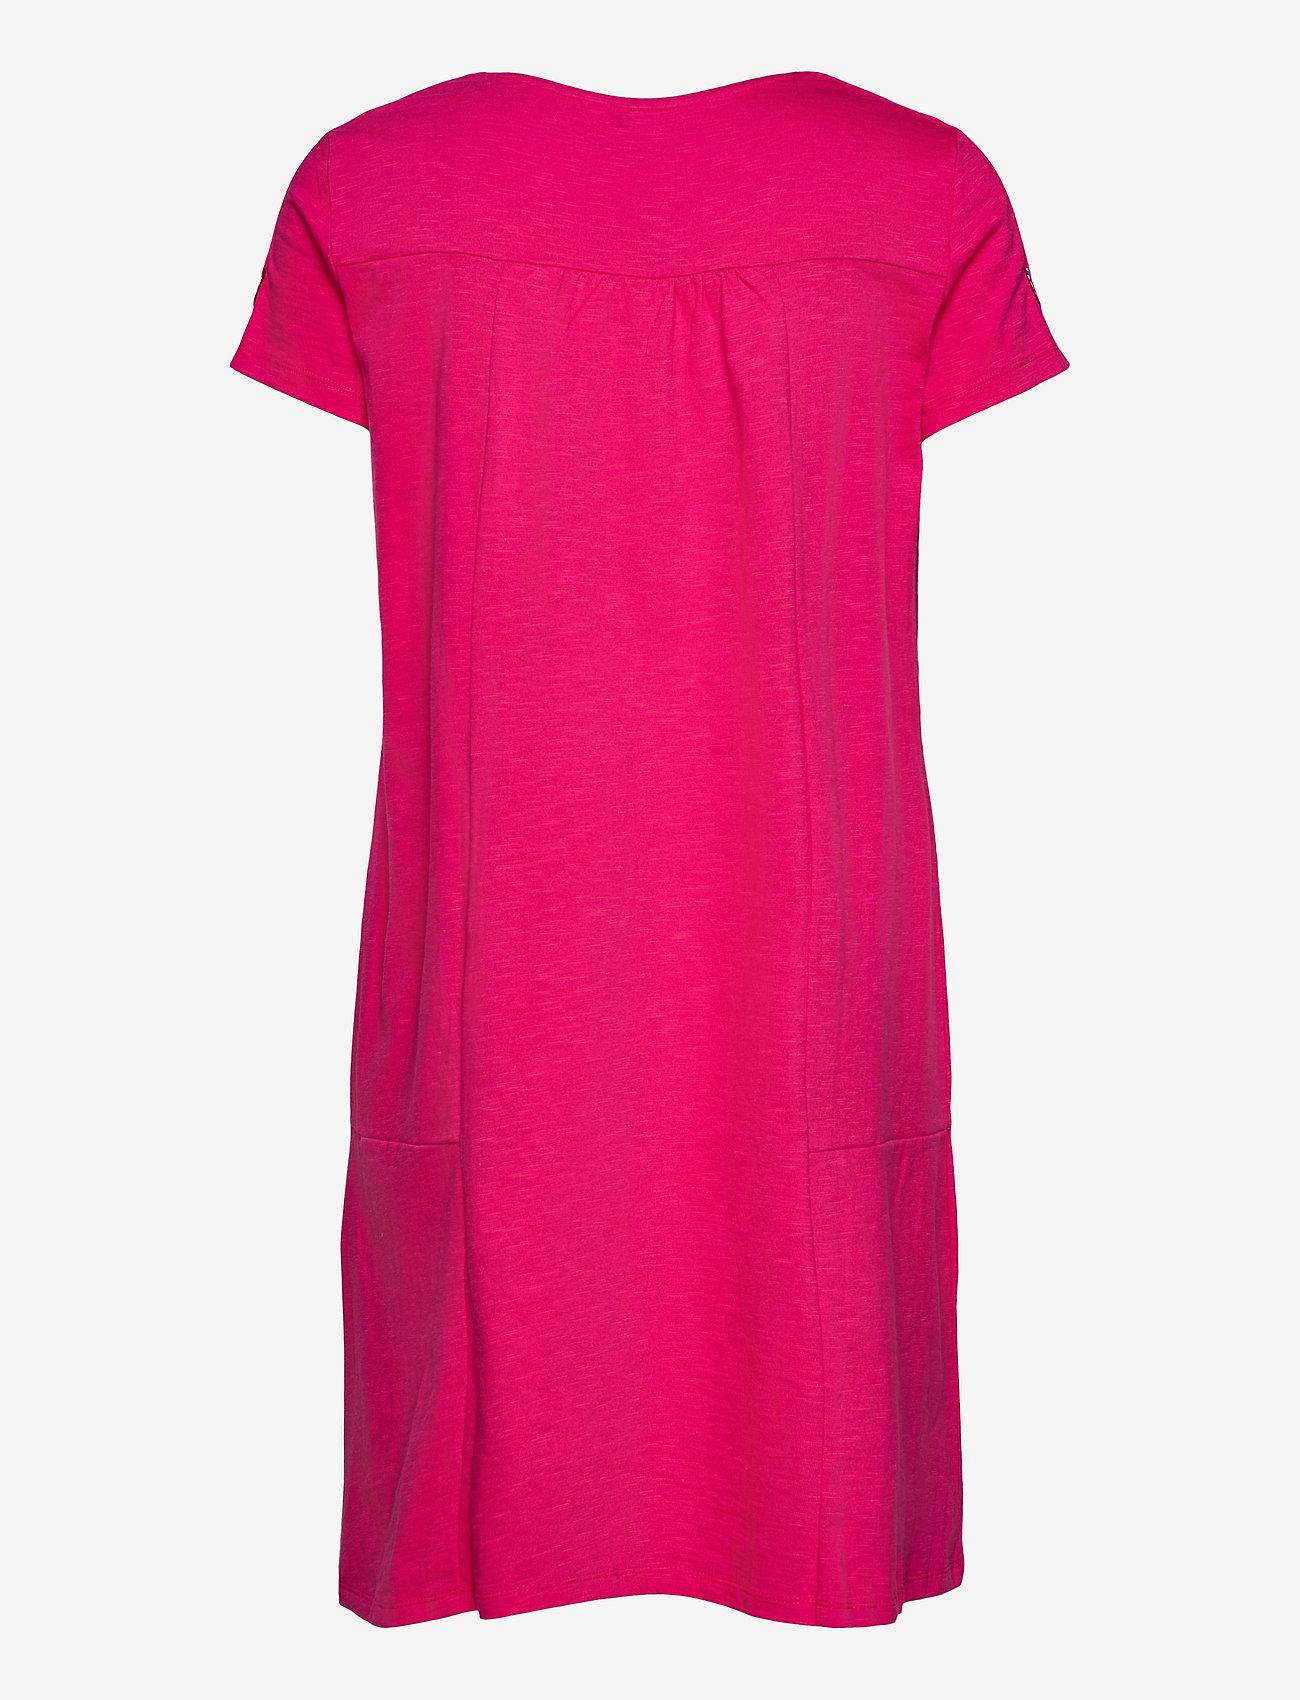 Gerry Weber Edition - DRESS KNITTED FABRIC - robes d'été - rasberry - 1